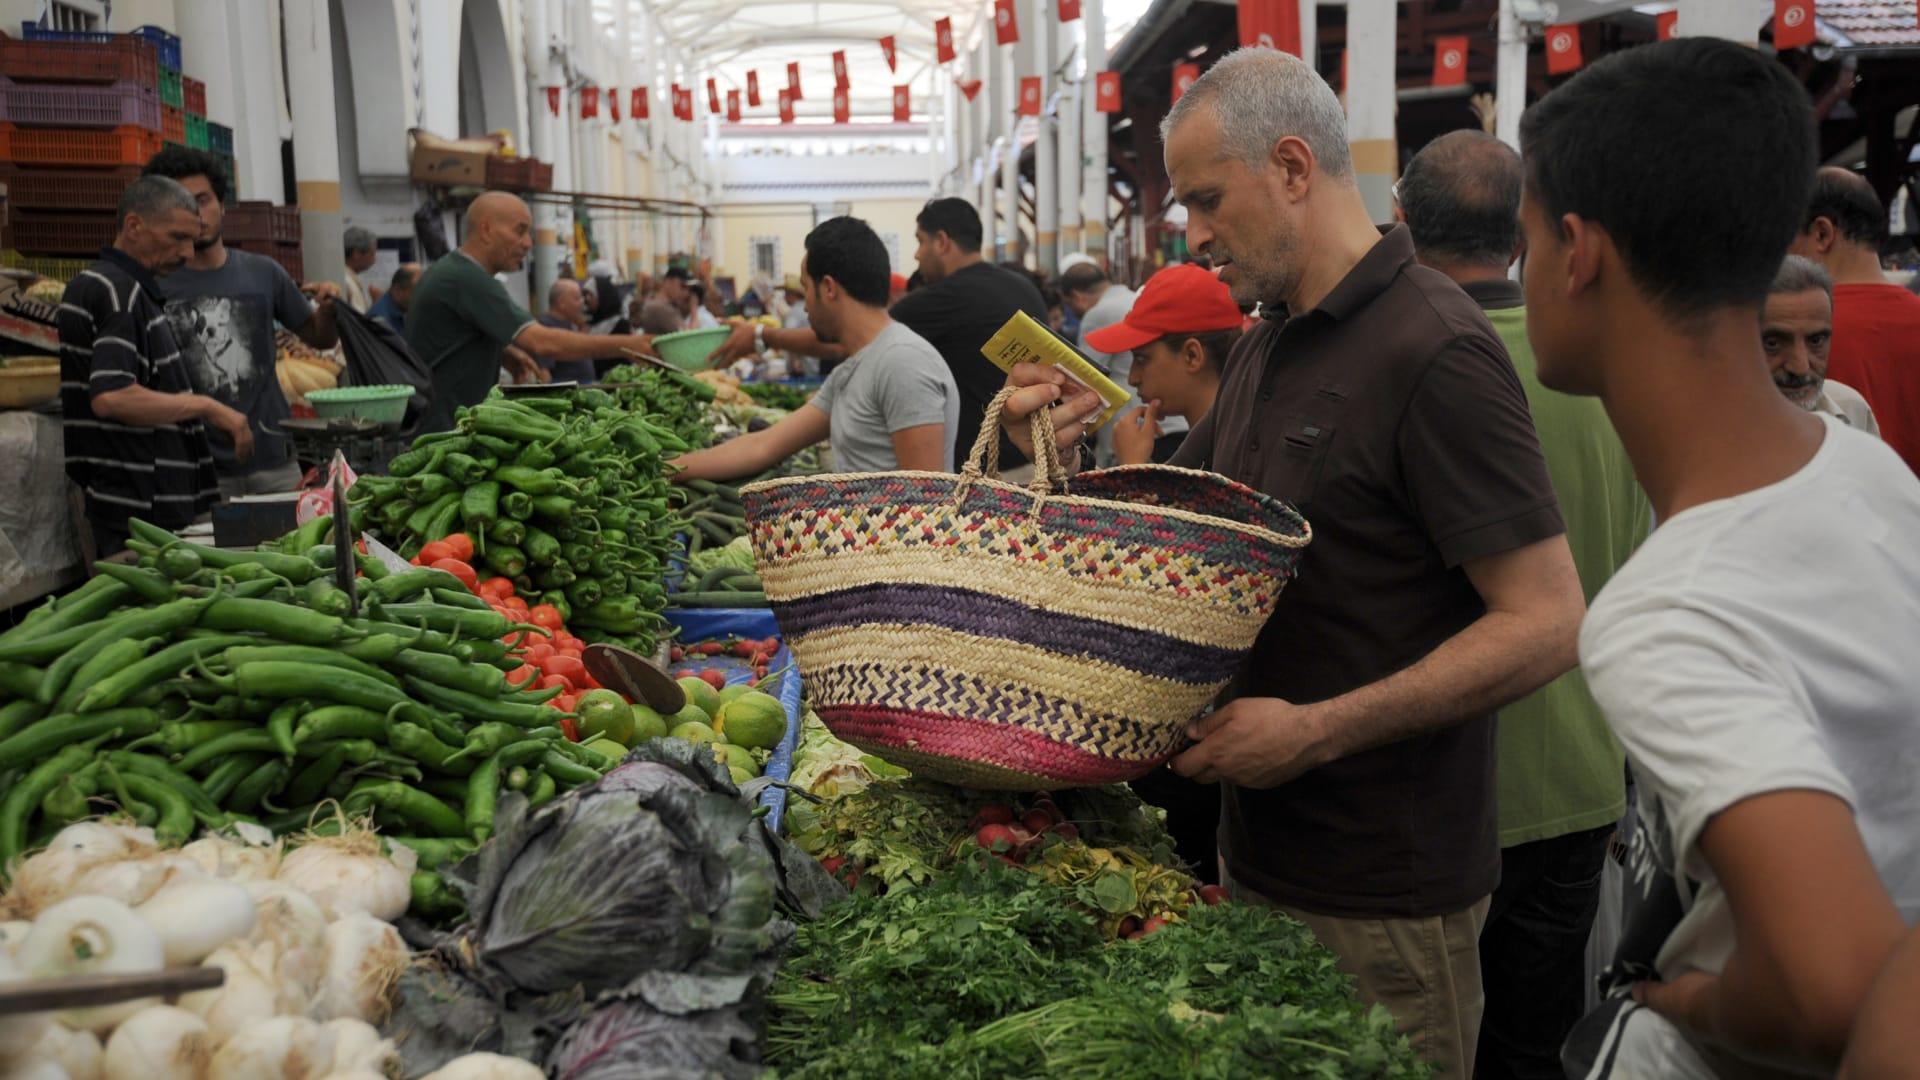 معدلات الفقر والديون تتزايد بين الأسر التونسية.. وخبراء يطرحون حلولا